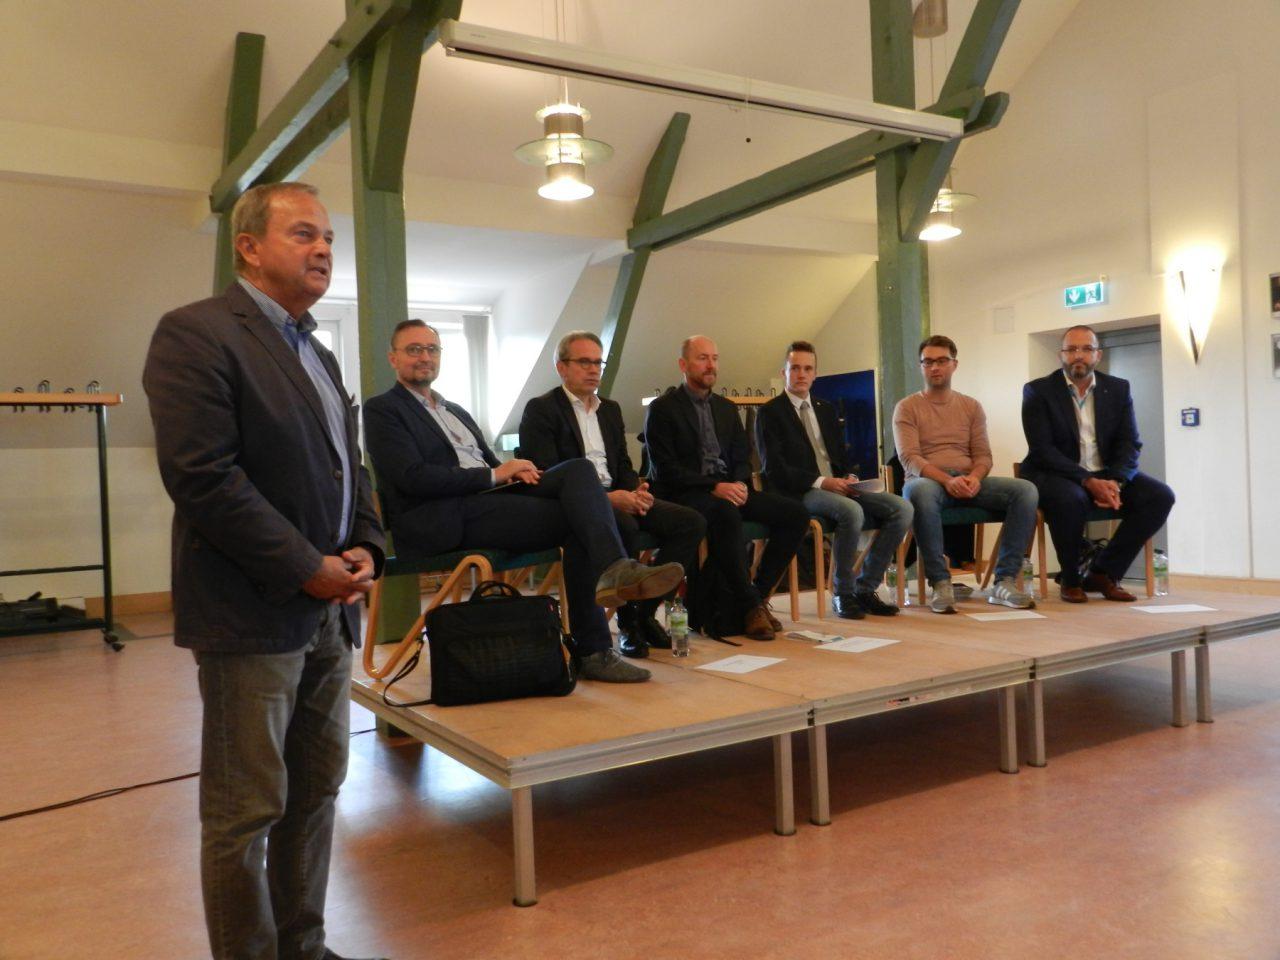 Schule trifft Landespolitik, eine Podiumsdiskussion am Gymnasium